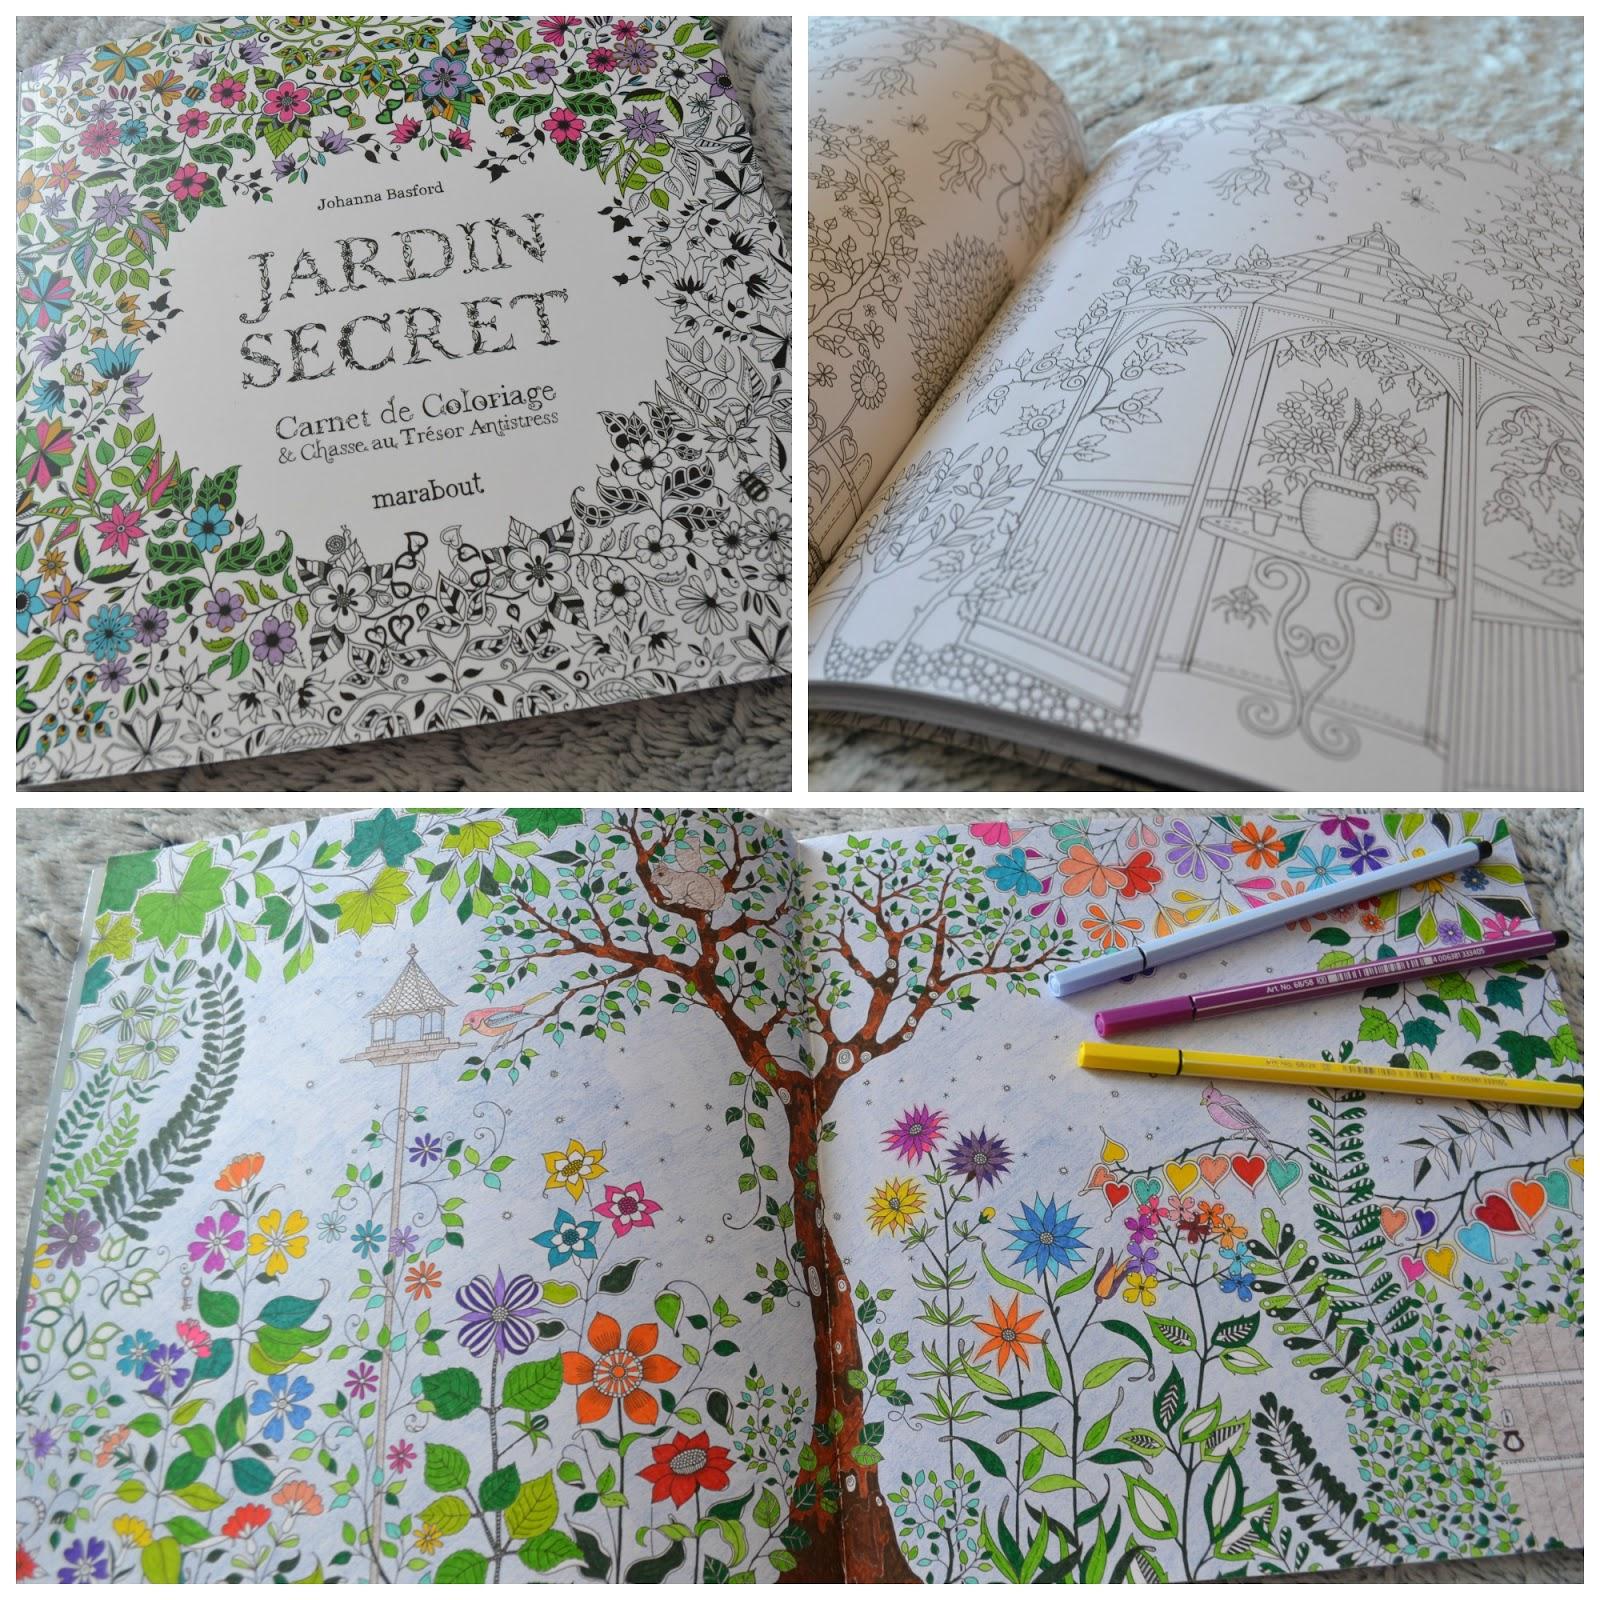 cr a colo revue jardin secret carnet de coloriage chasse au tr sor antistress. Black Bedroom Furniture Sets. Home Design Ideas